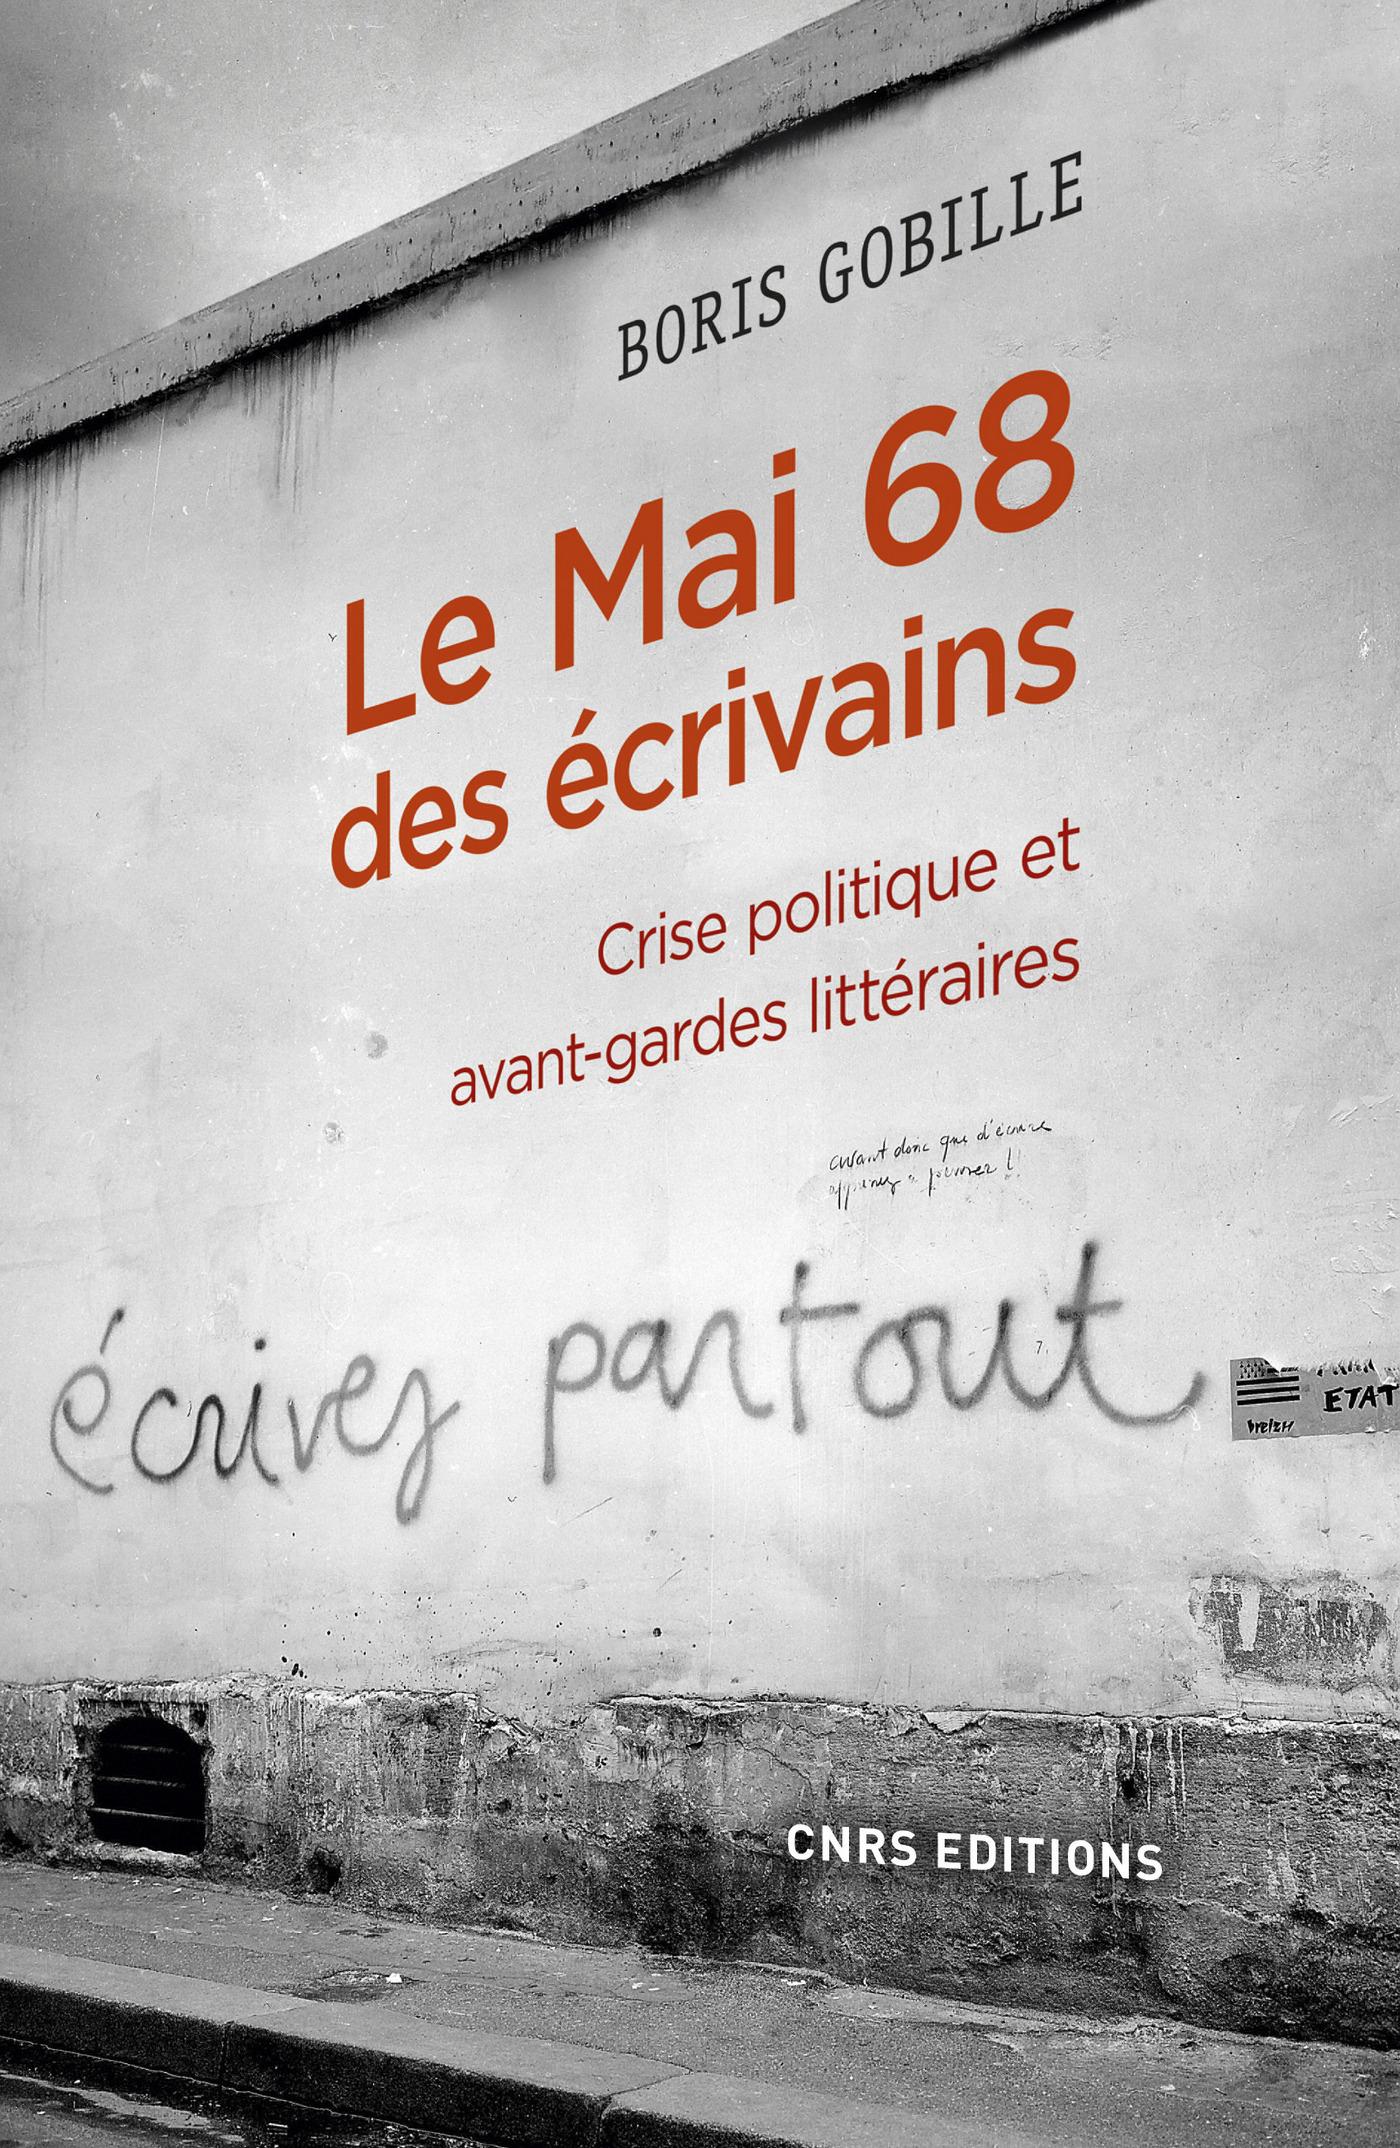 Le mai 68 des écrivains. Cr...